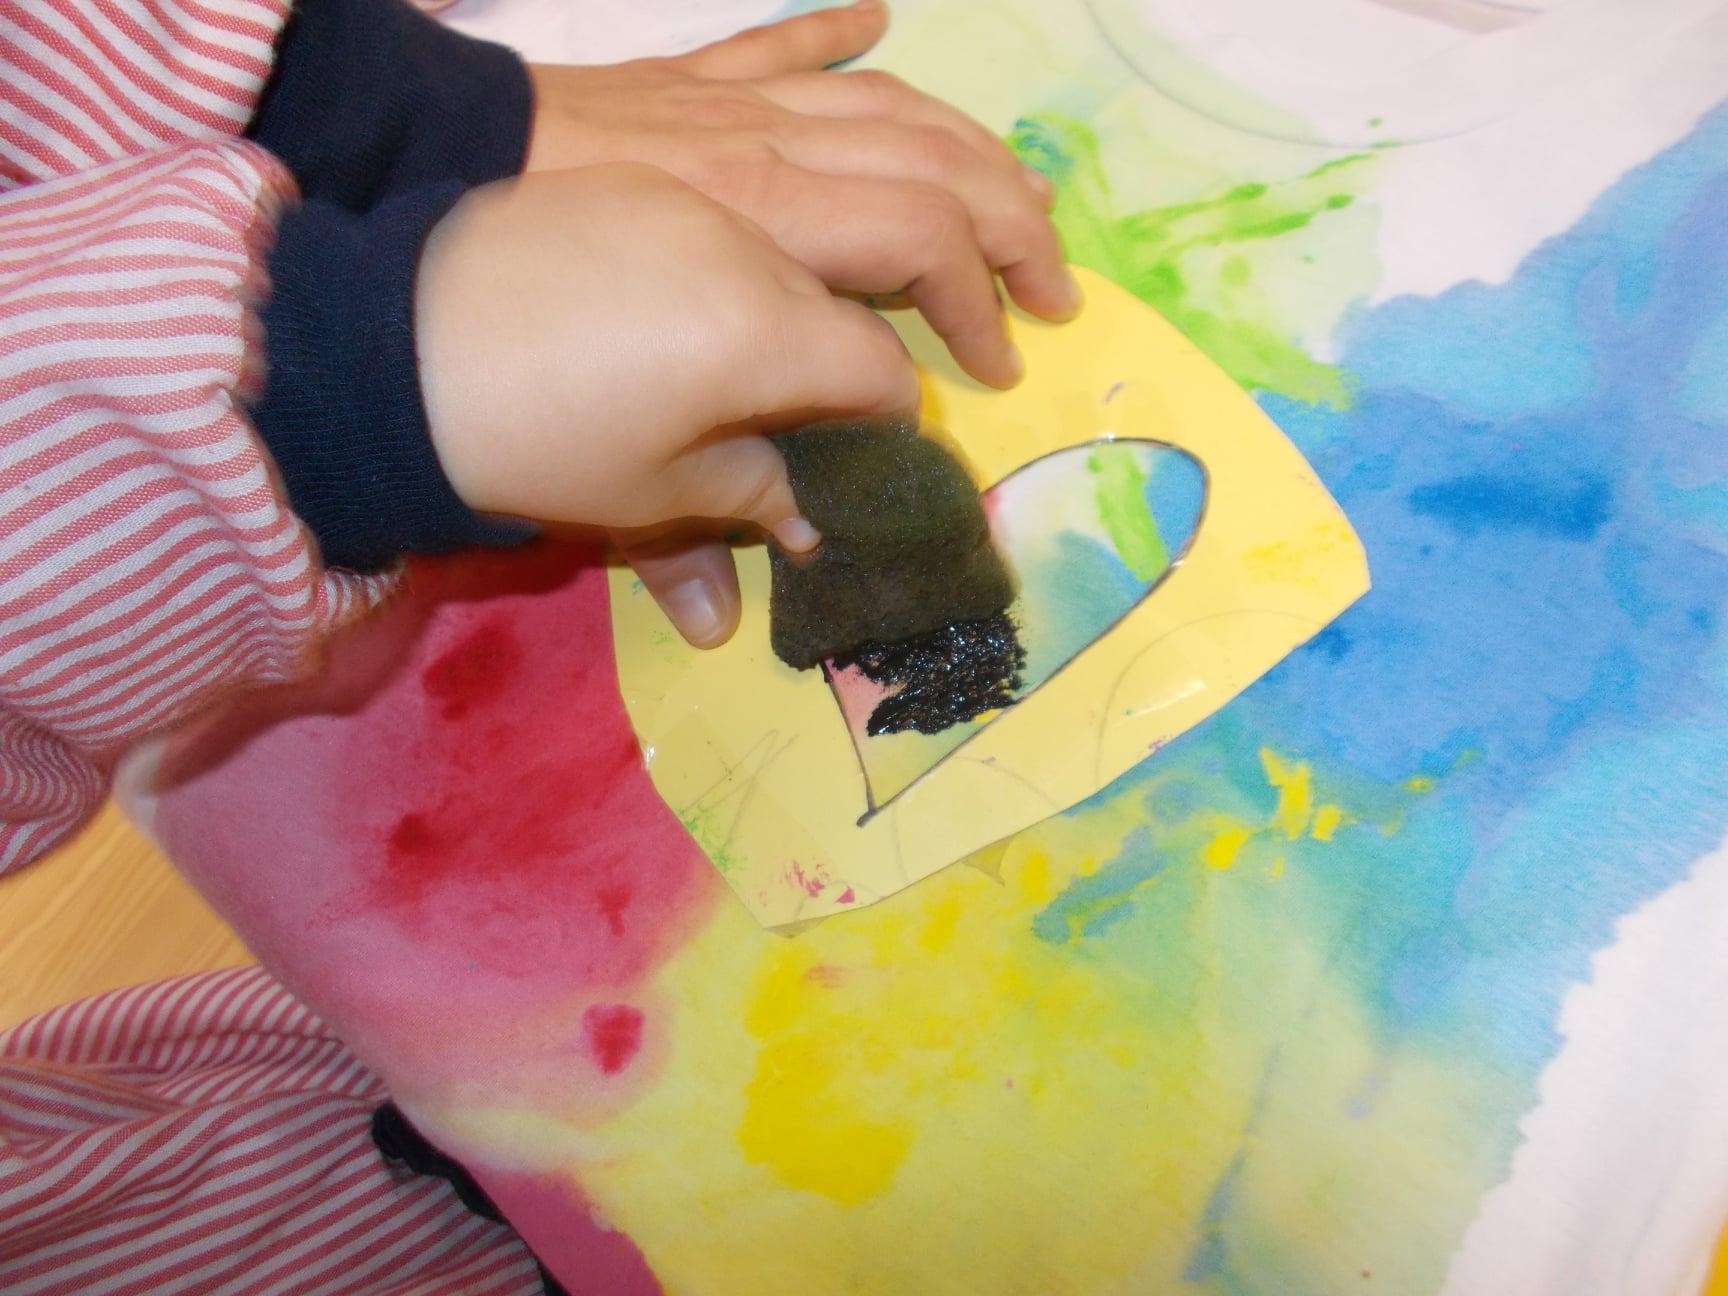 Los beneficios del arte según nuestra escuela. Escuela Infantil Bambinos